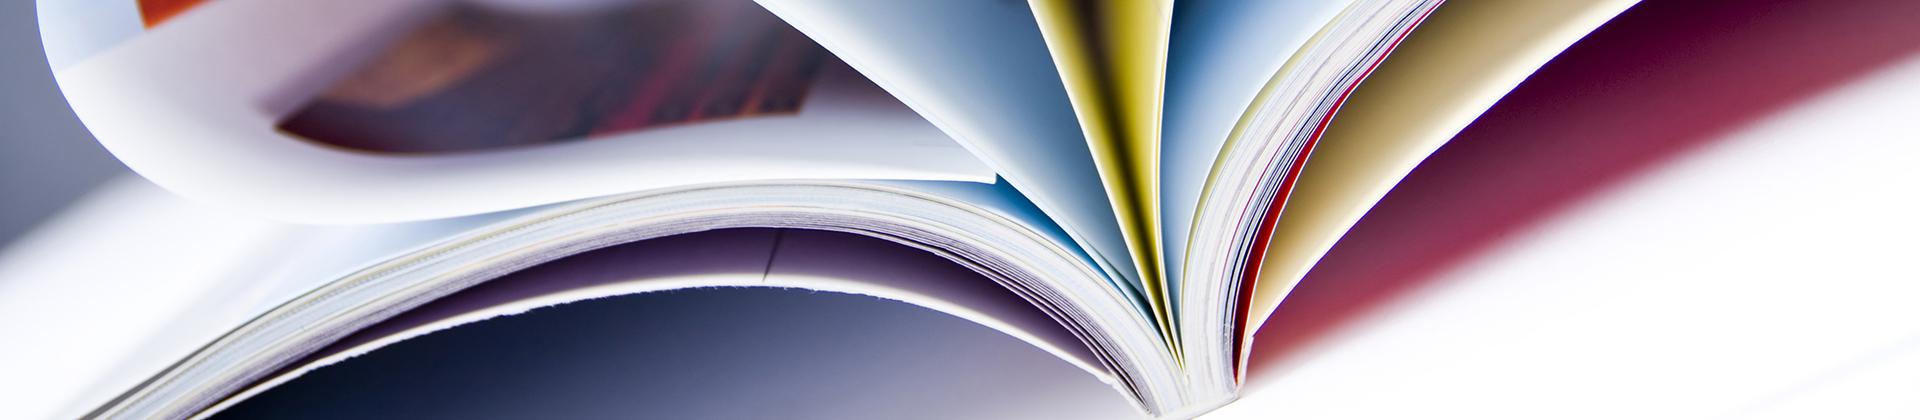 pagine_libro_1920x420px